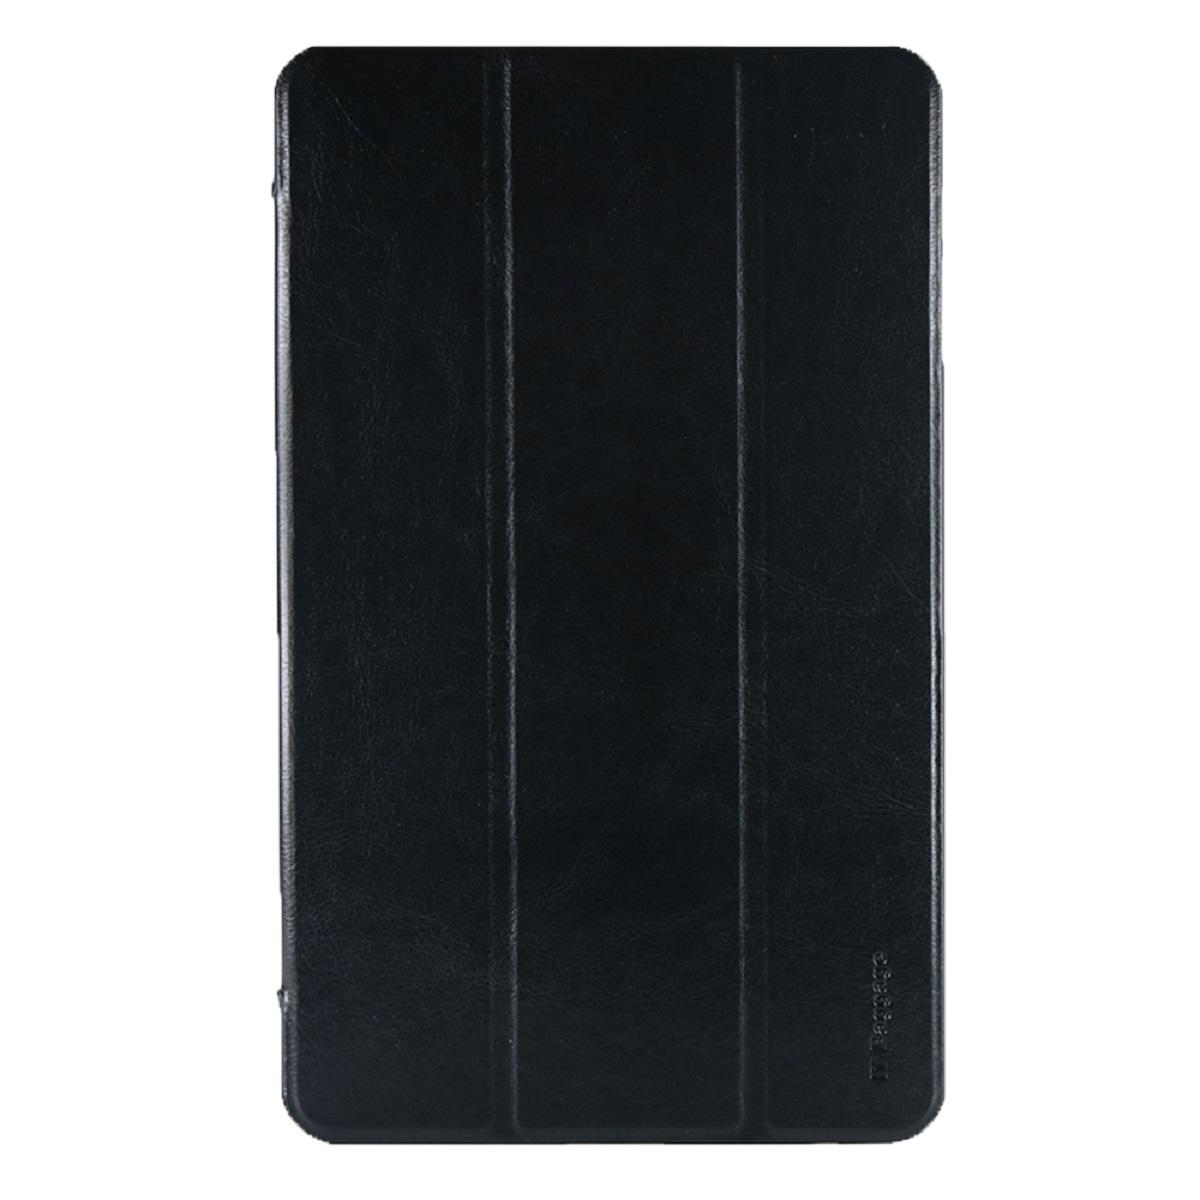 IT Baggage чехол для Huawei Media Pad T2 Pro 10, BlackITHWT215-1Чехол IT Baggage для планшета Huawei Media Pad T2 Pro 10 надежно защищает смартфон от случайных ударов и царапин, а так же от внешних воздействий, грязи, пыли и брызг. Крышку можно использовать в качестве настольной подставки для вашего устройства. Чехол обеспечивает свободный доступ ко всем функциональным кнопкам планшета и камере.